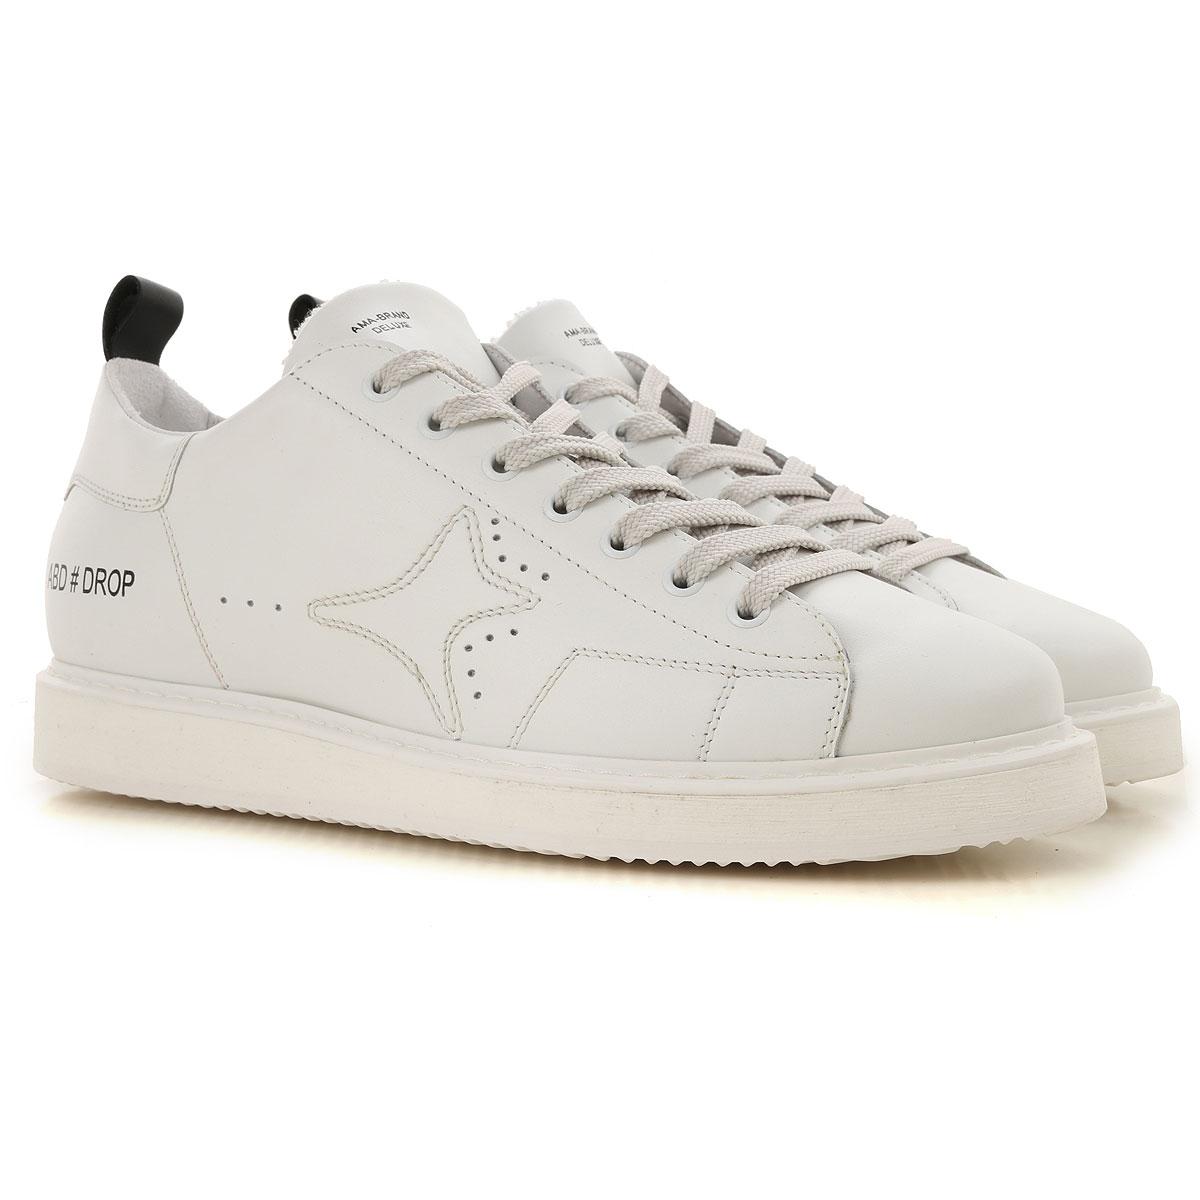 Ama Brand Sneaker Homme Pas cher en Soldes, Blanc, Cuir, 2017, 40 41 42 43 44